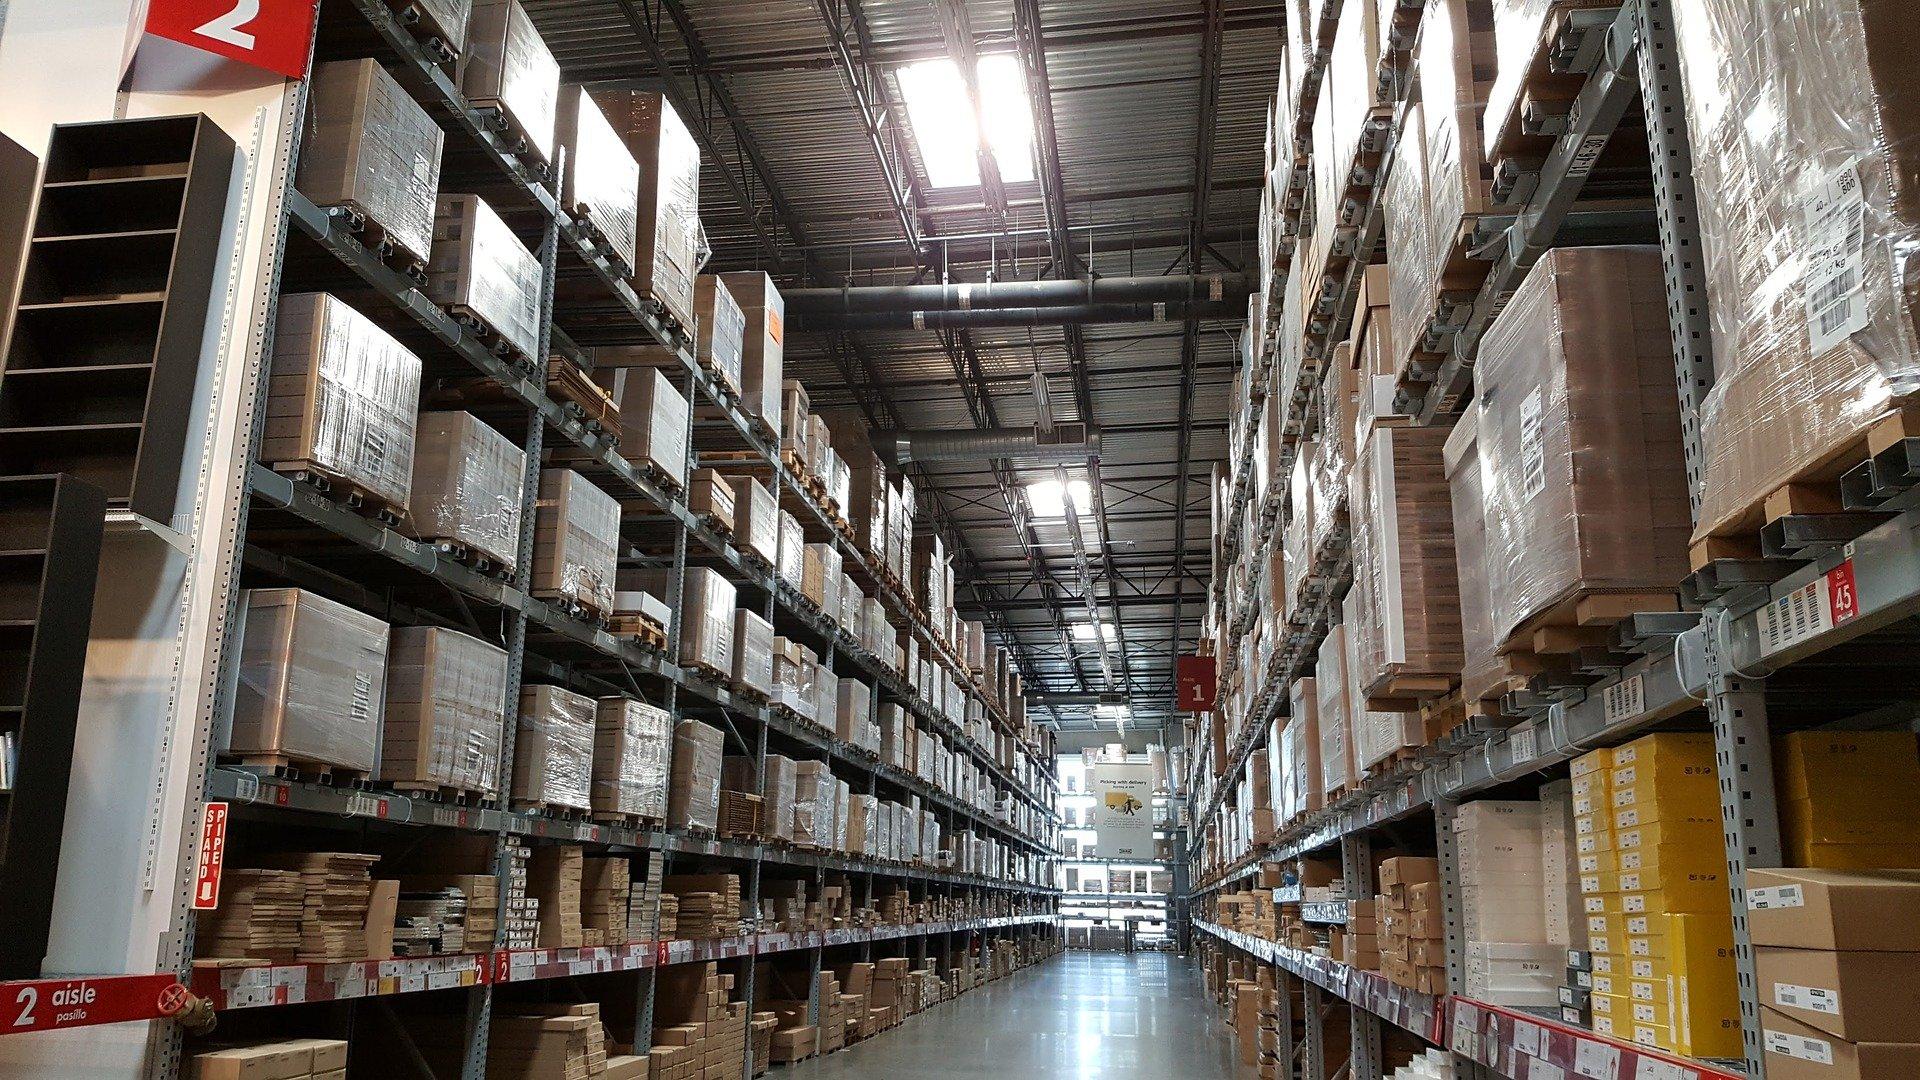 Almacén logístico. El mantenimiento preventivo se consolida en la industria